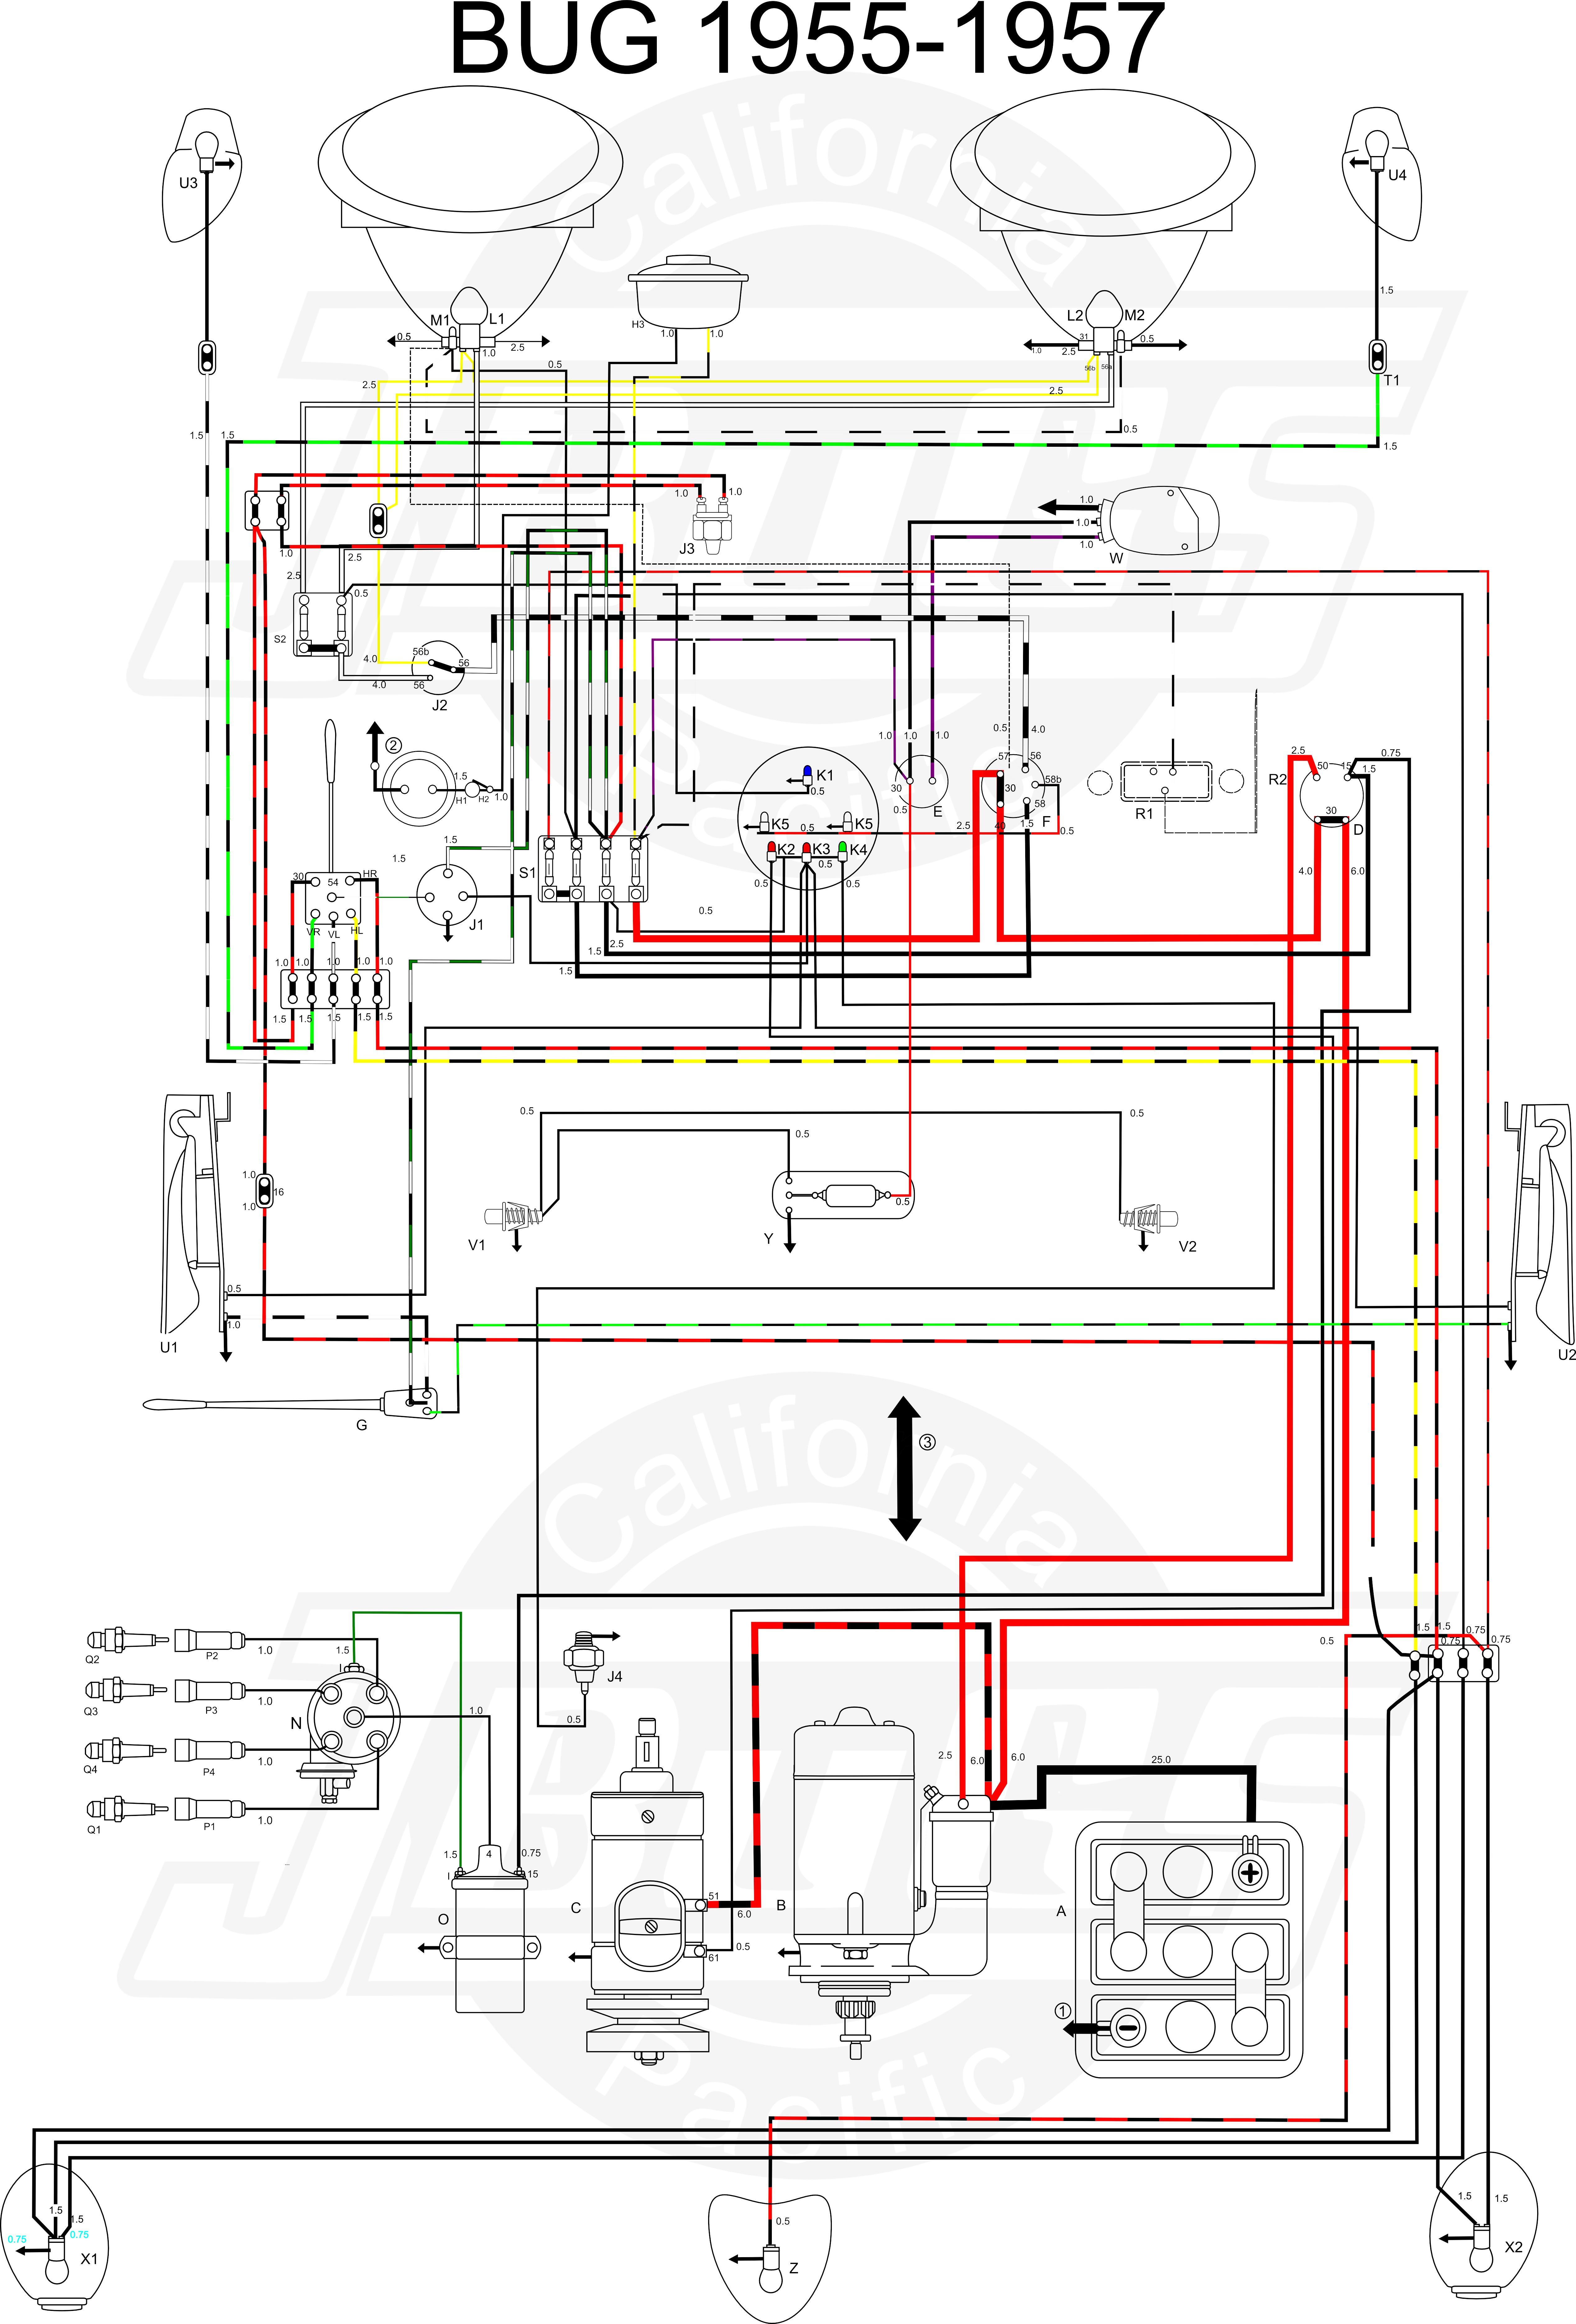 Vw Tech Article 1955 57 Wiring Diagram VW Wiring Diagram 1965 Vw Bug Wiring